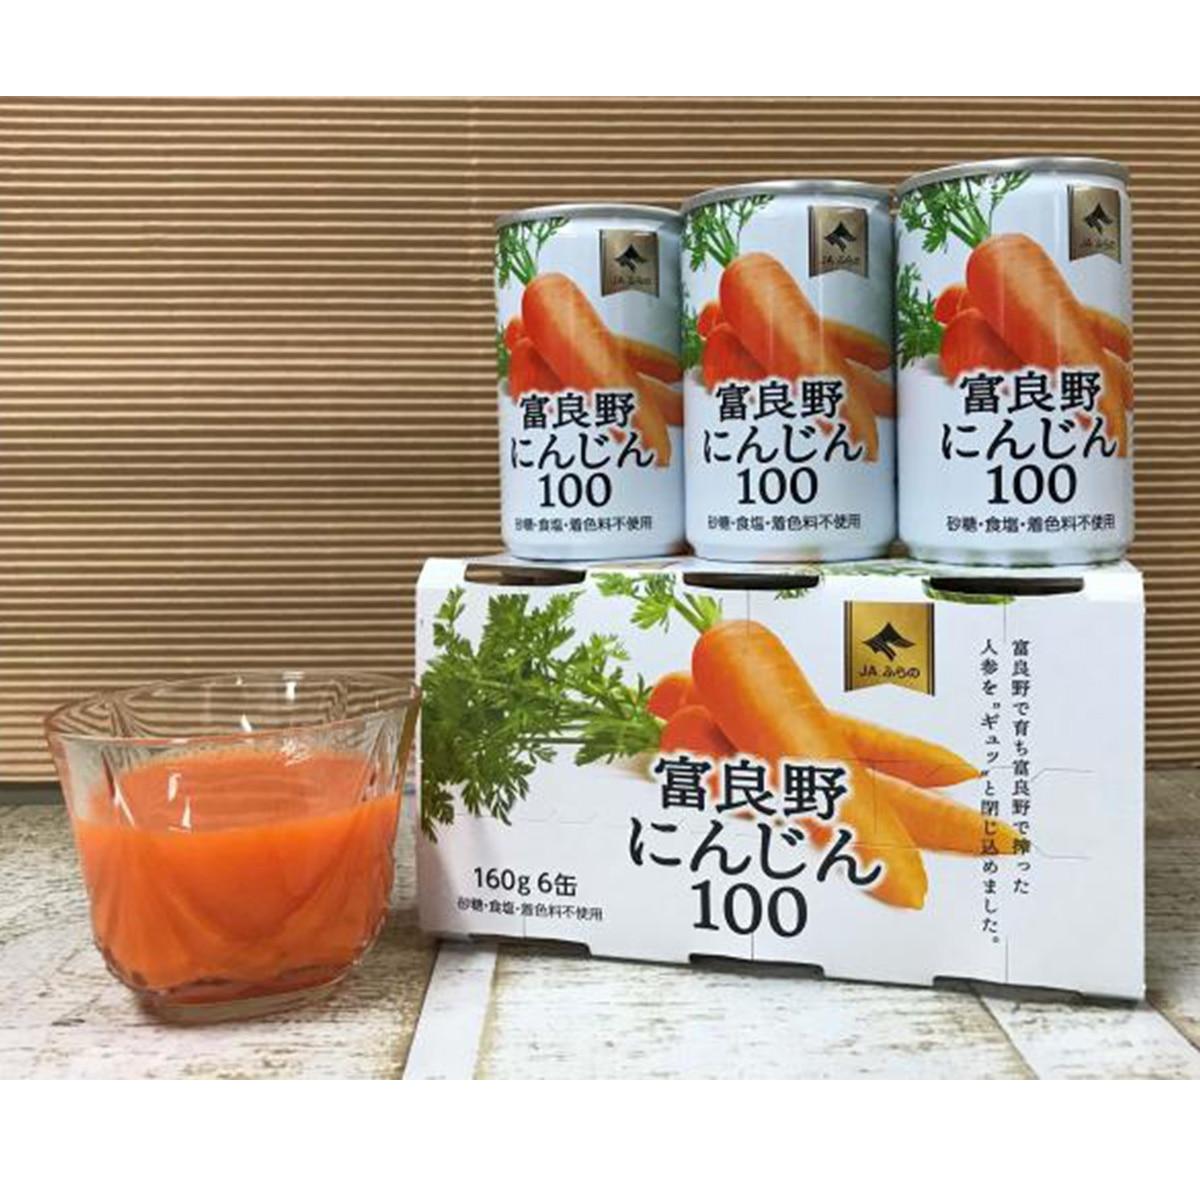 【送料無料】JAふらの 富良野にんじん100 (160g×30本) JAふらのにんじんジュース